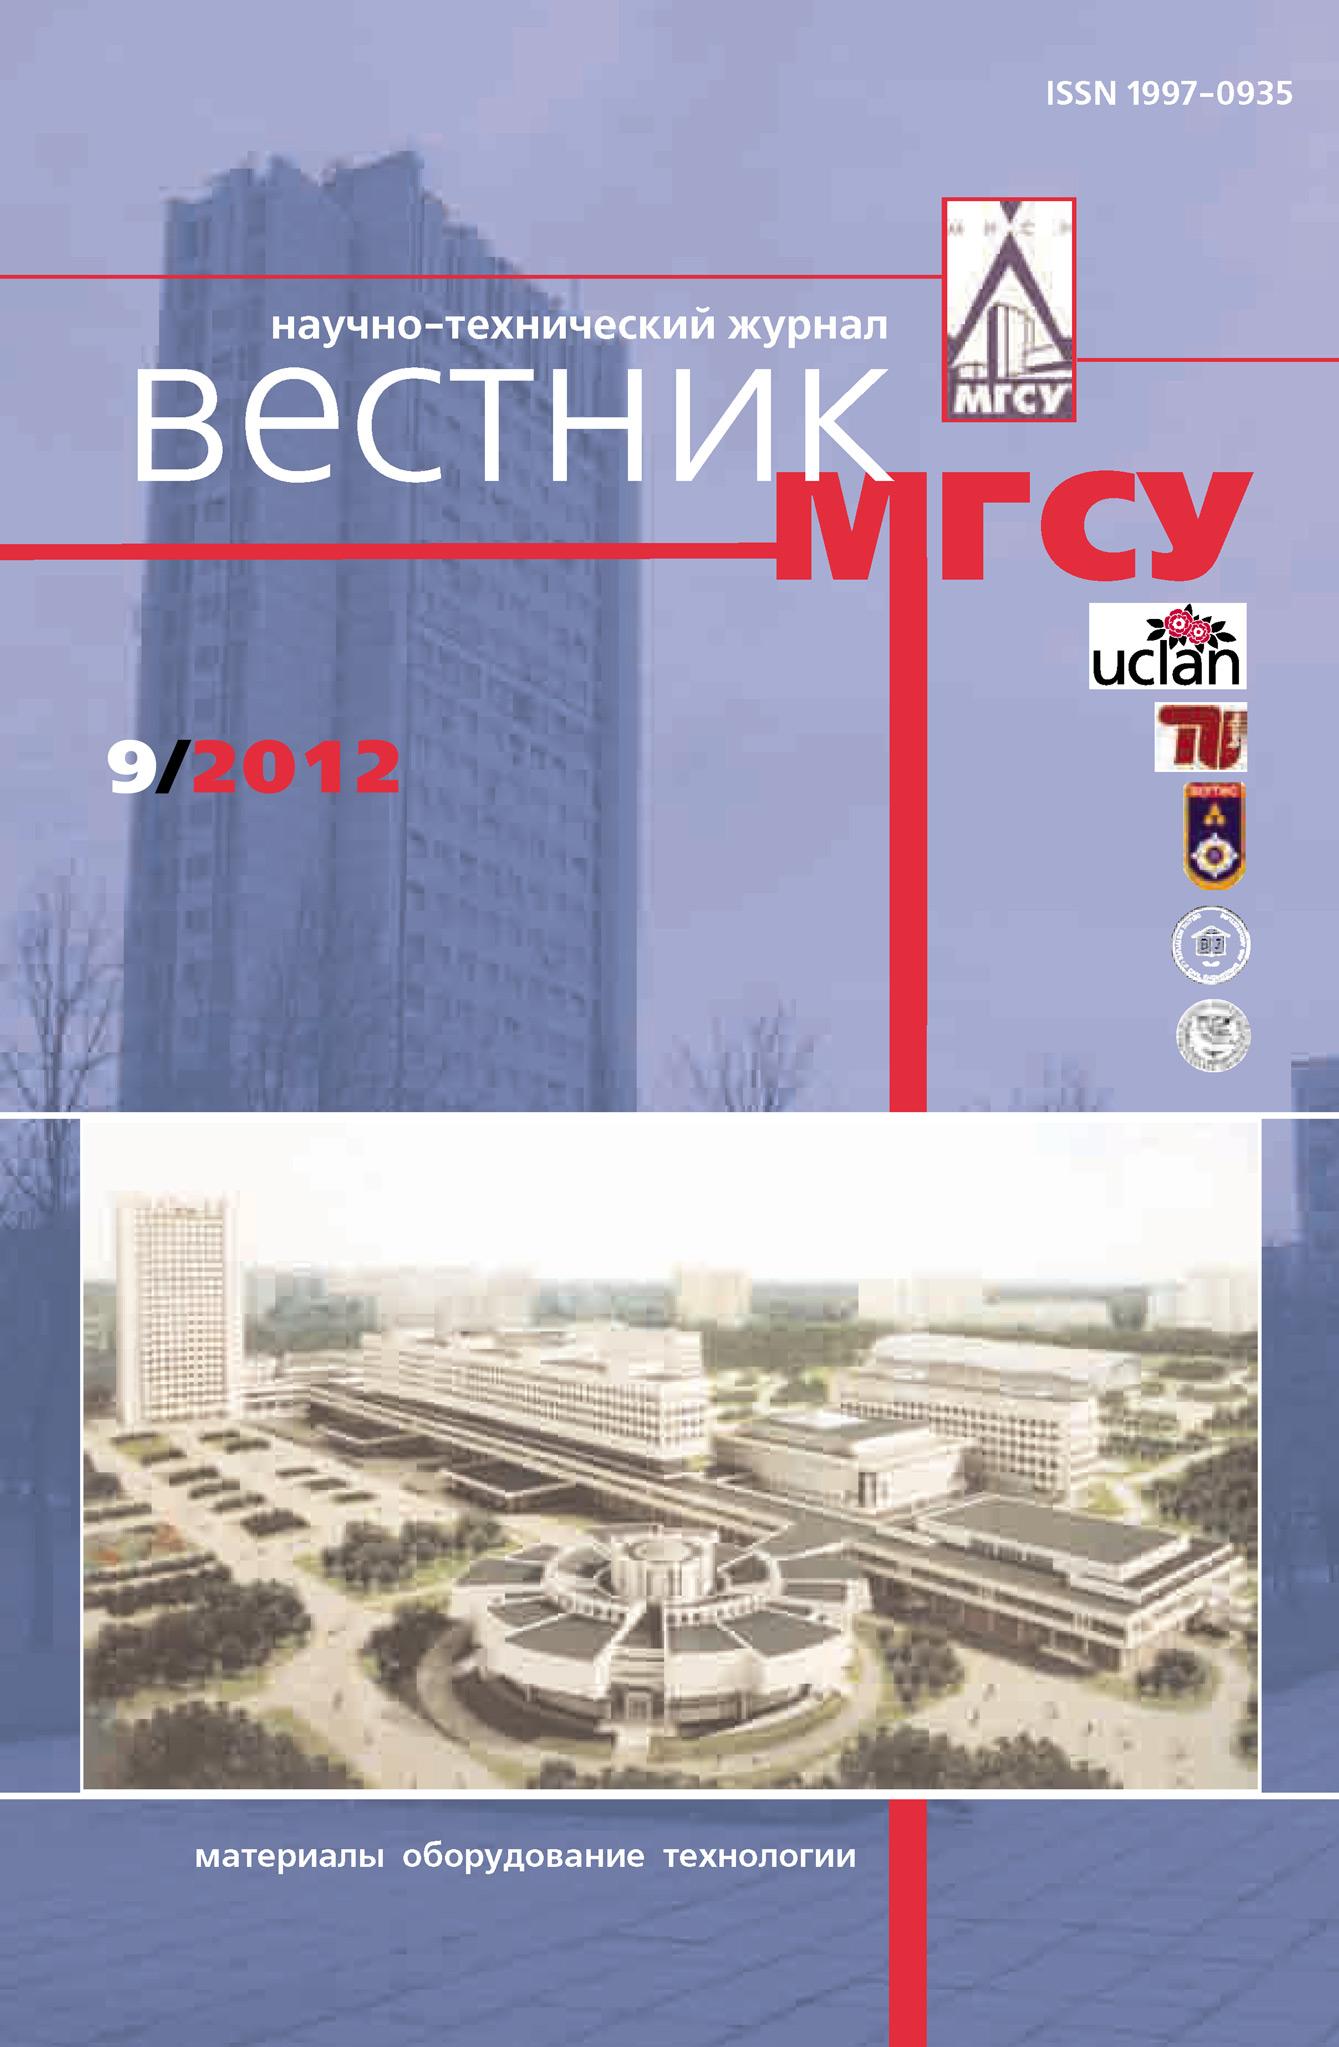 Отсутствует Вестник МГСУ №9 2012 отсутствует экономика и управление проблемы решения 05 2012